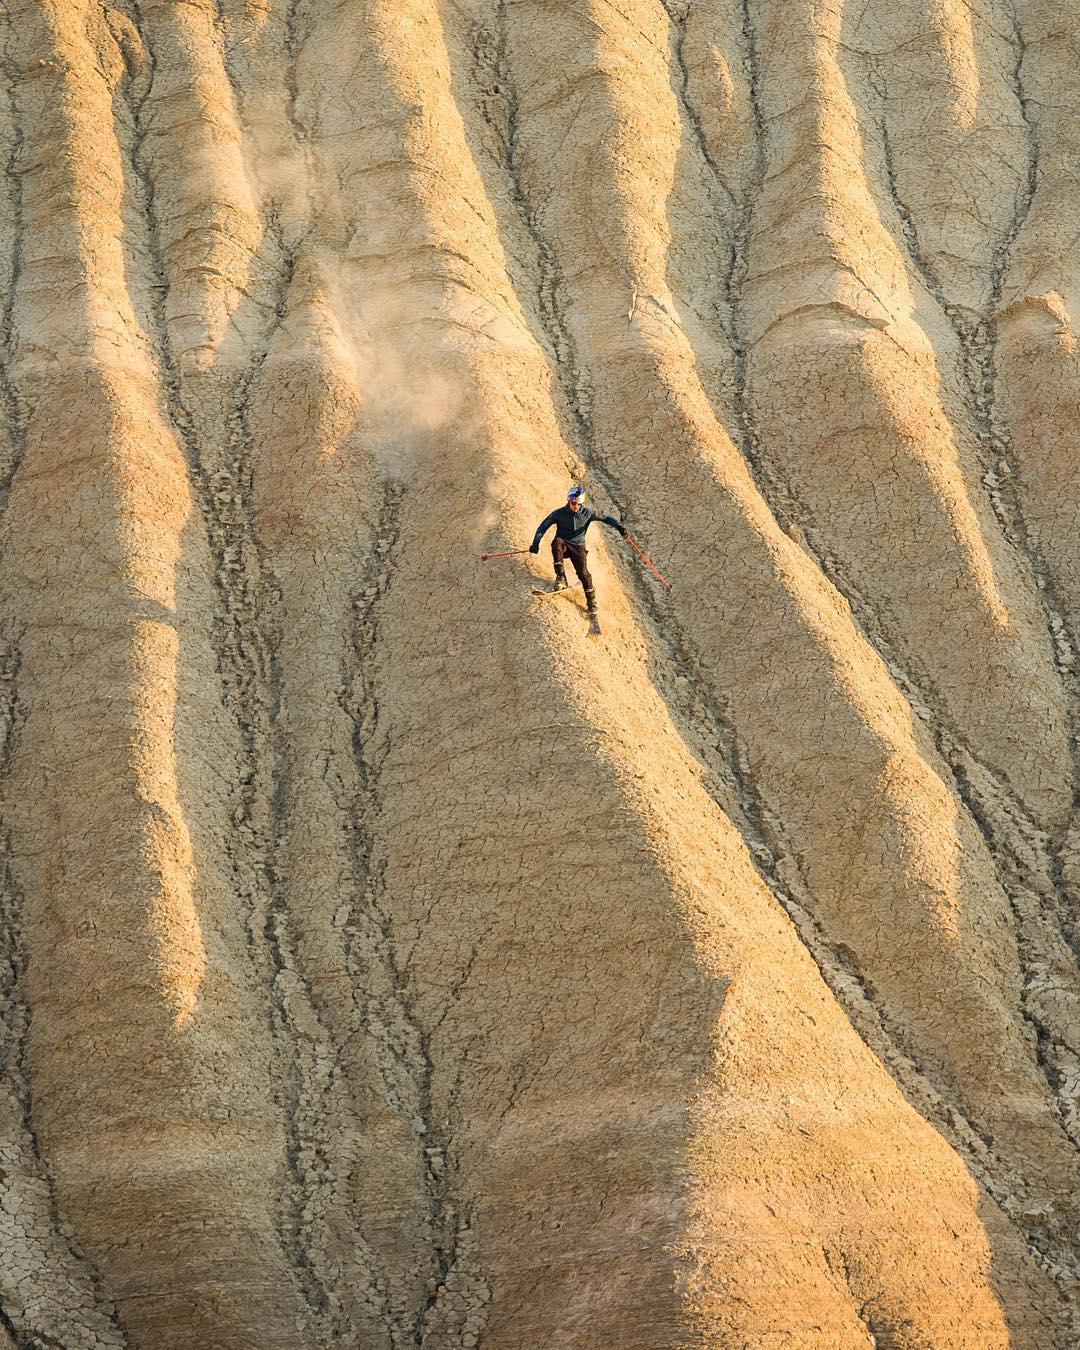 Shred the desert. ⛷: @fabian_lentsch